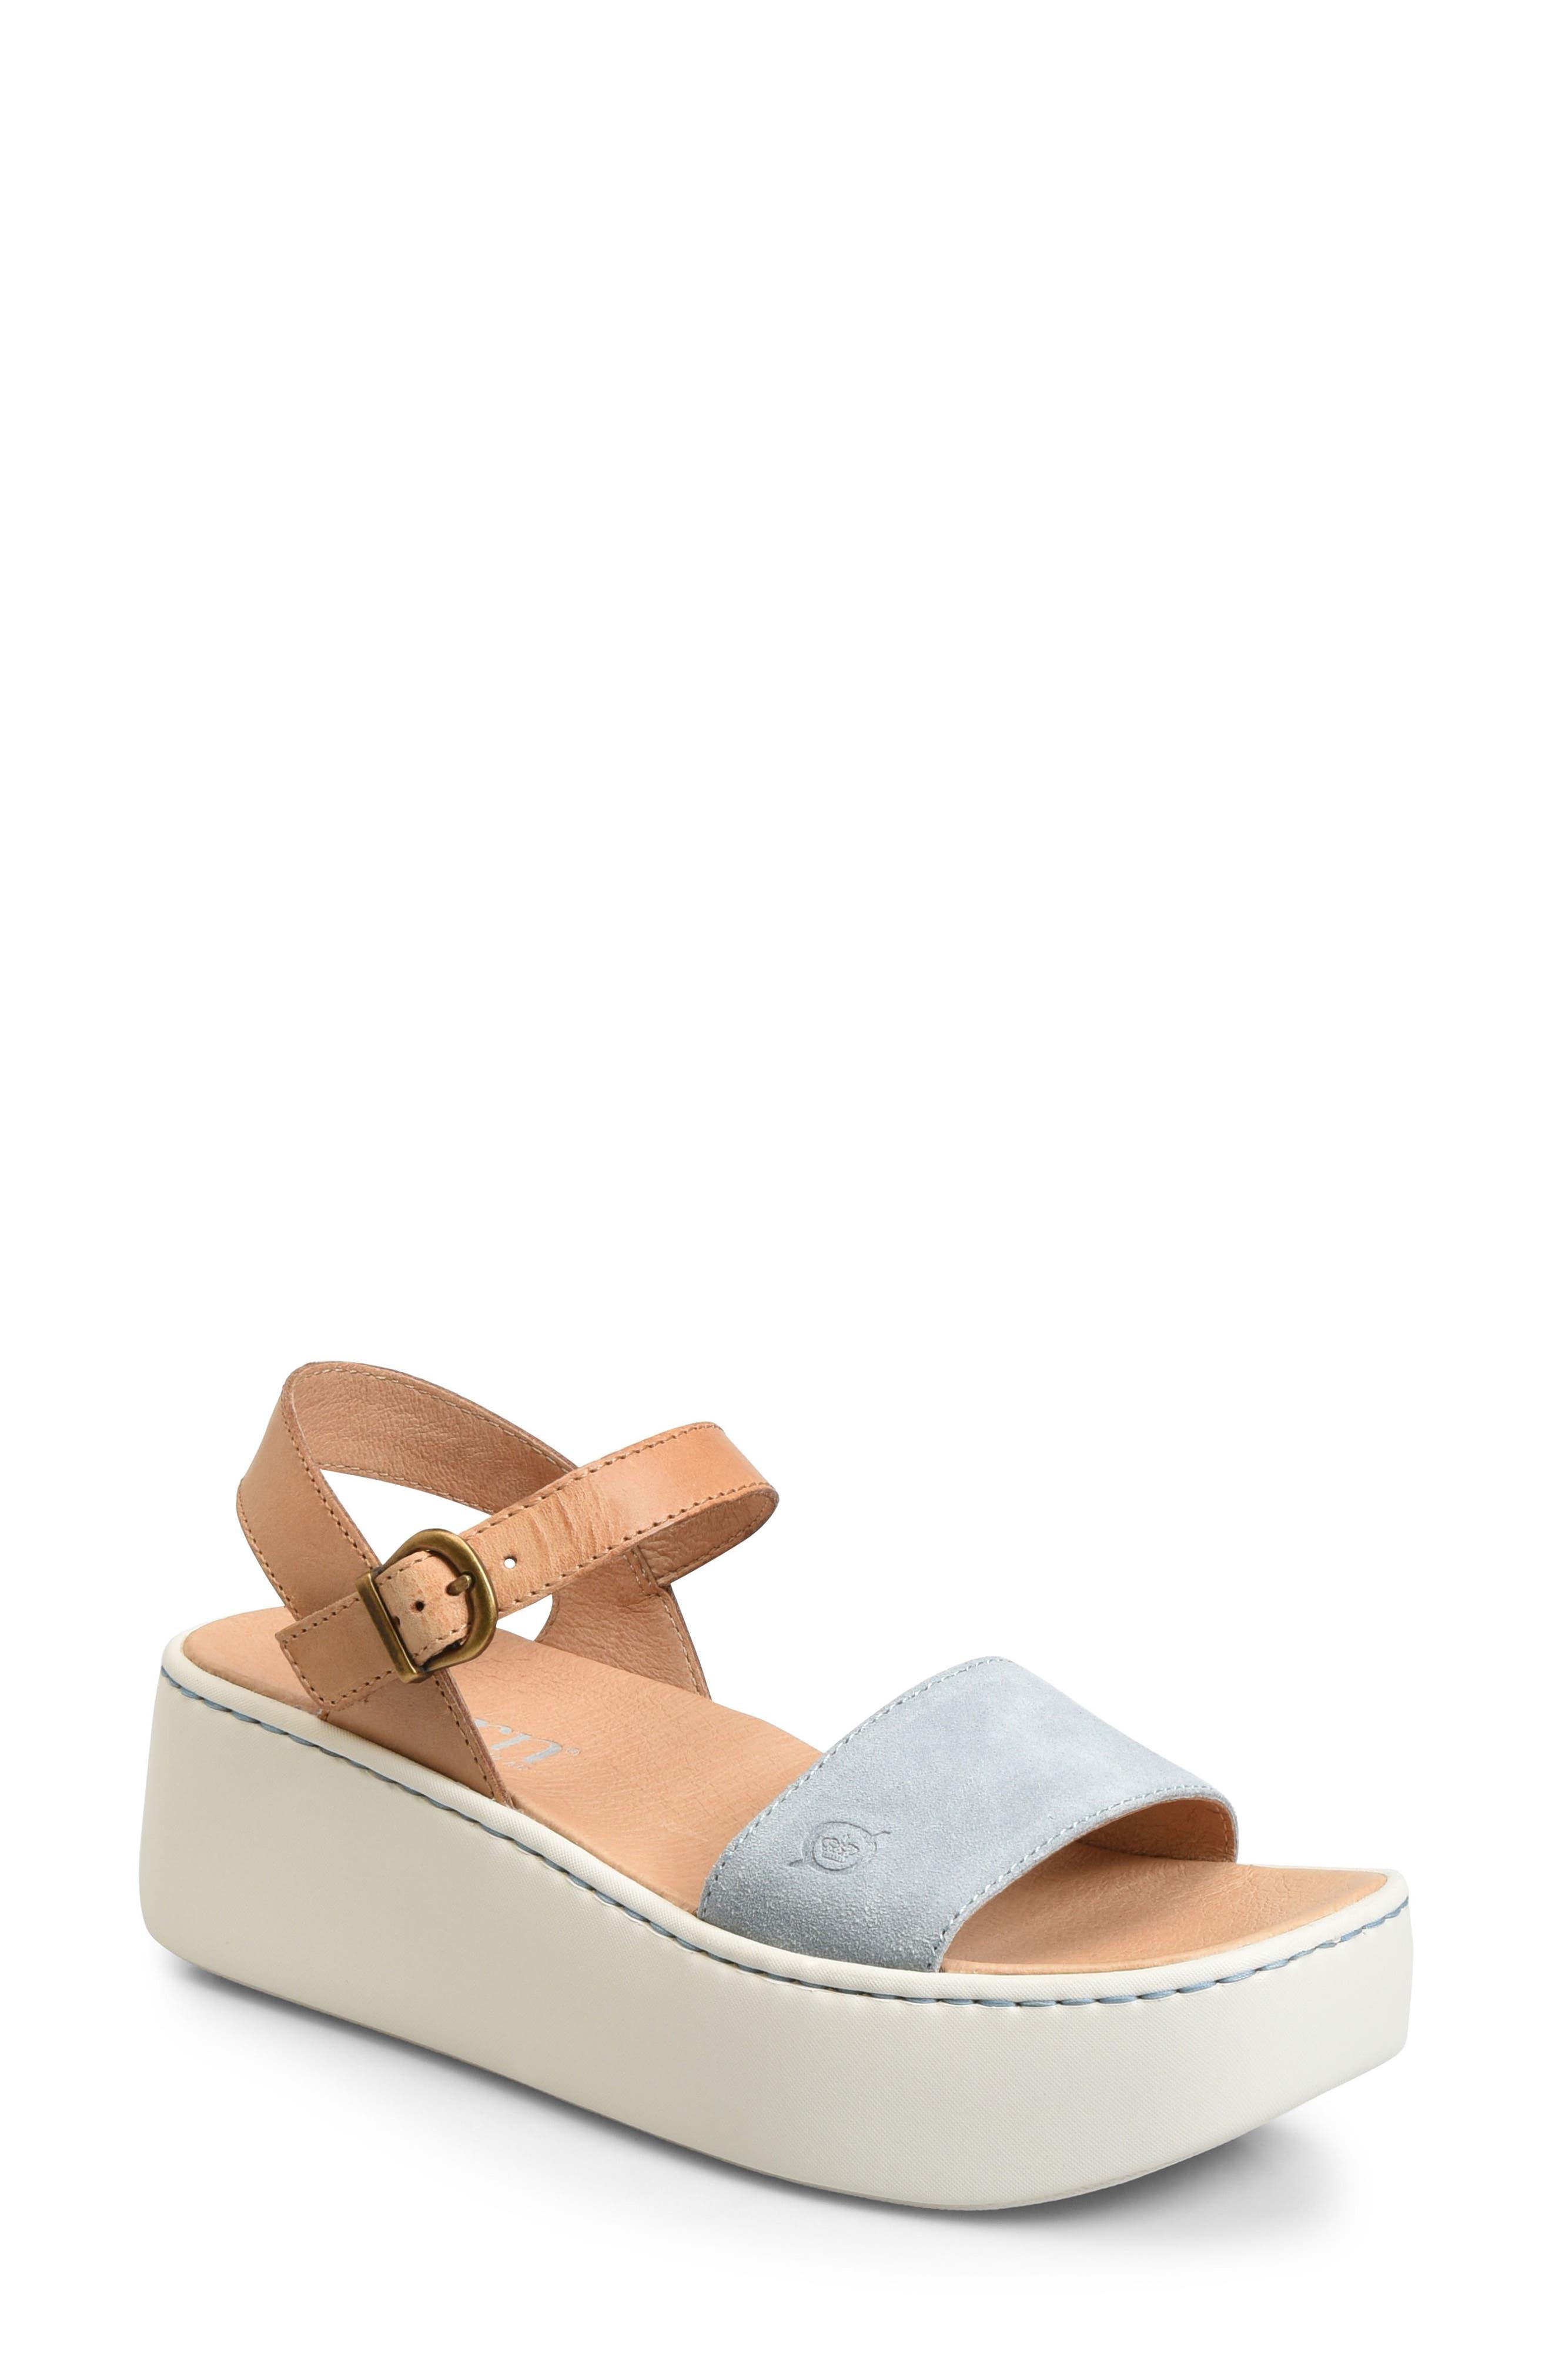 Breaker Platform Sandal,                             Main thumbnail 1, color,                             Light Blue/ Tan Leather